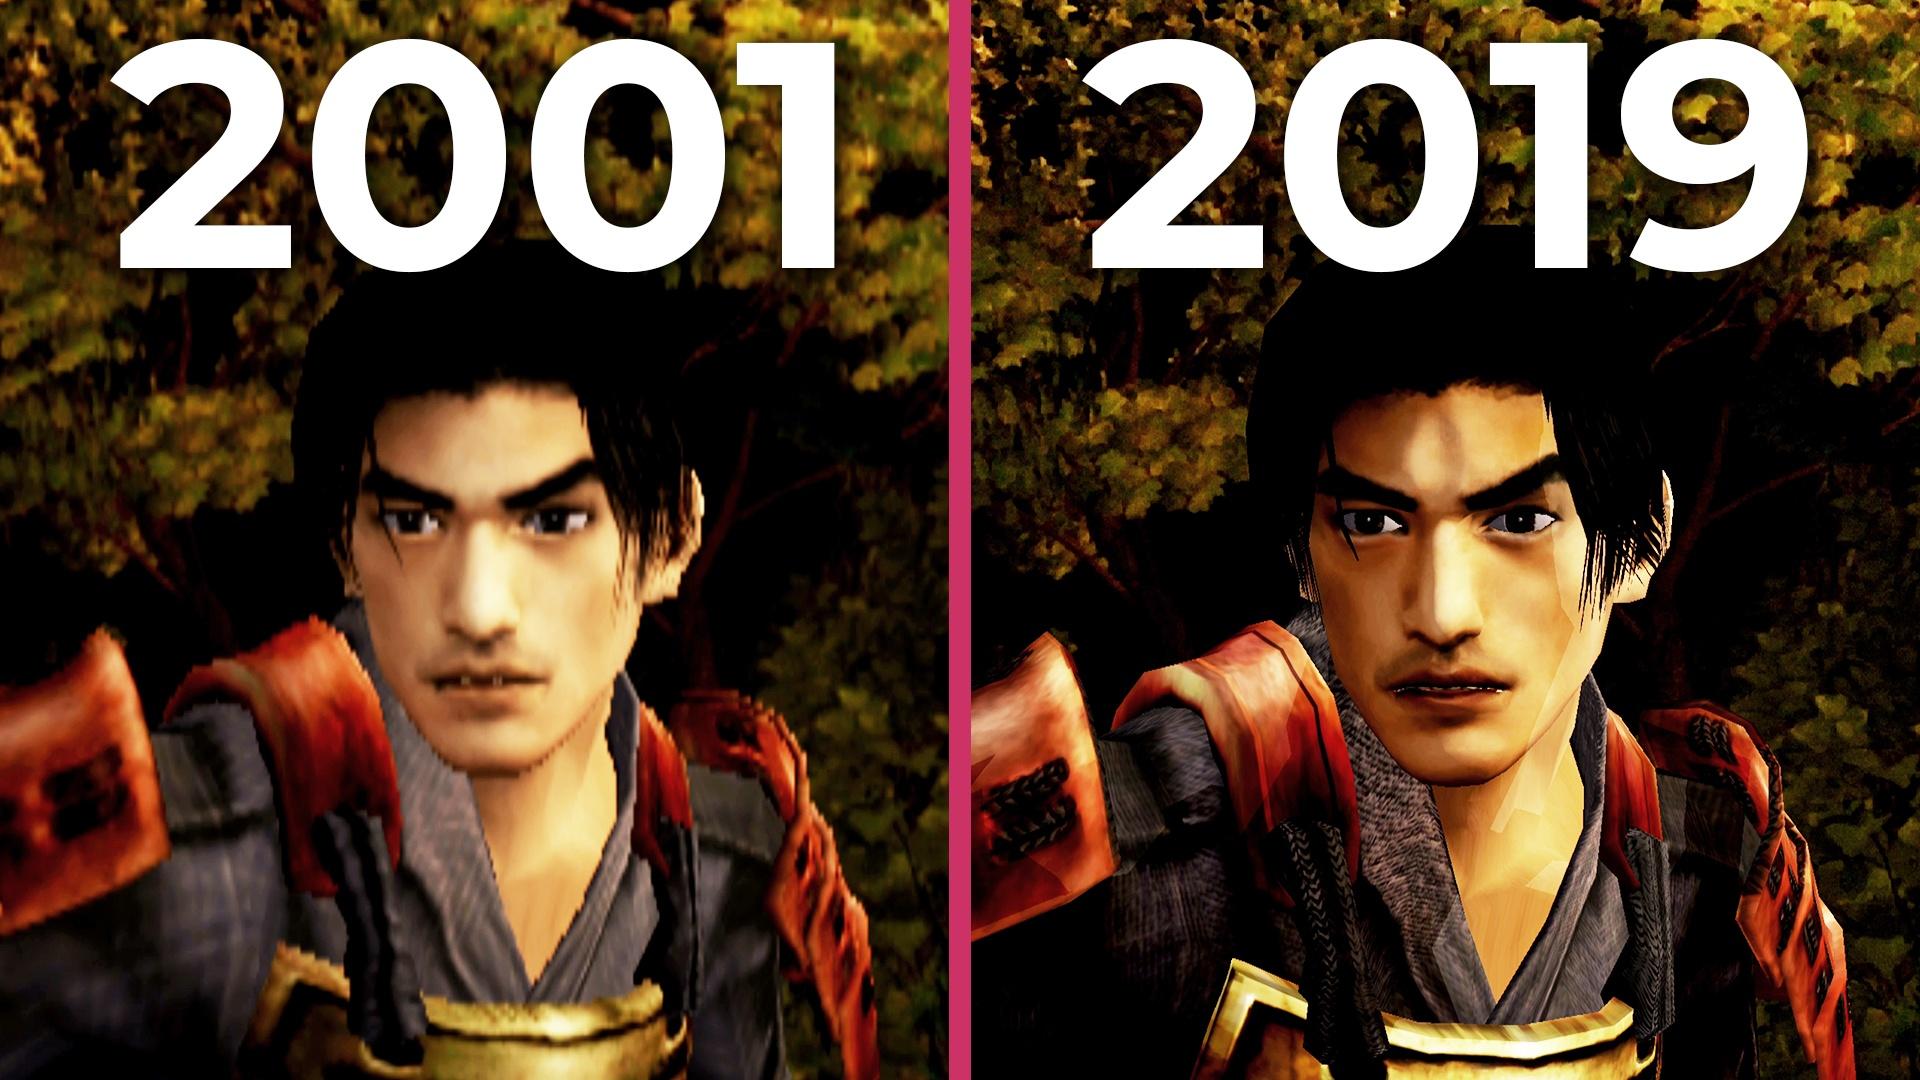 Onimusha: Warlords - Original (2001) gegen Remaster (2019) im Grafikvergleich